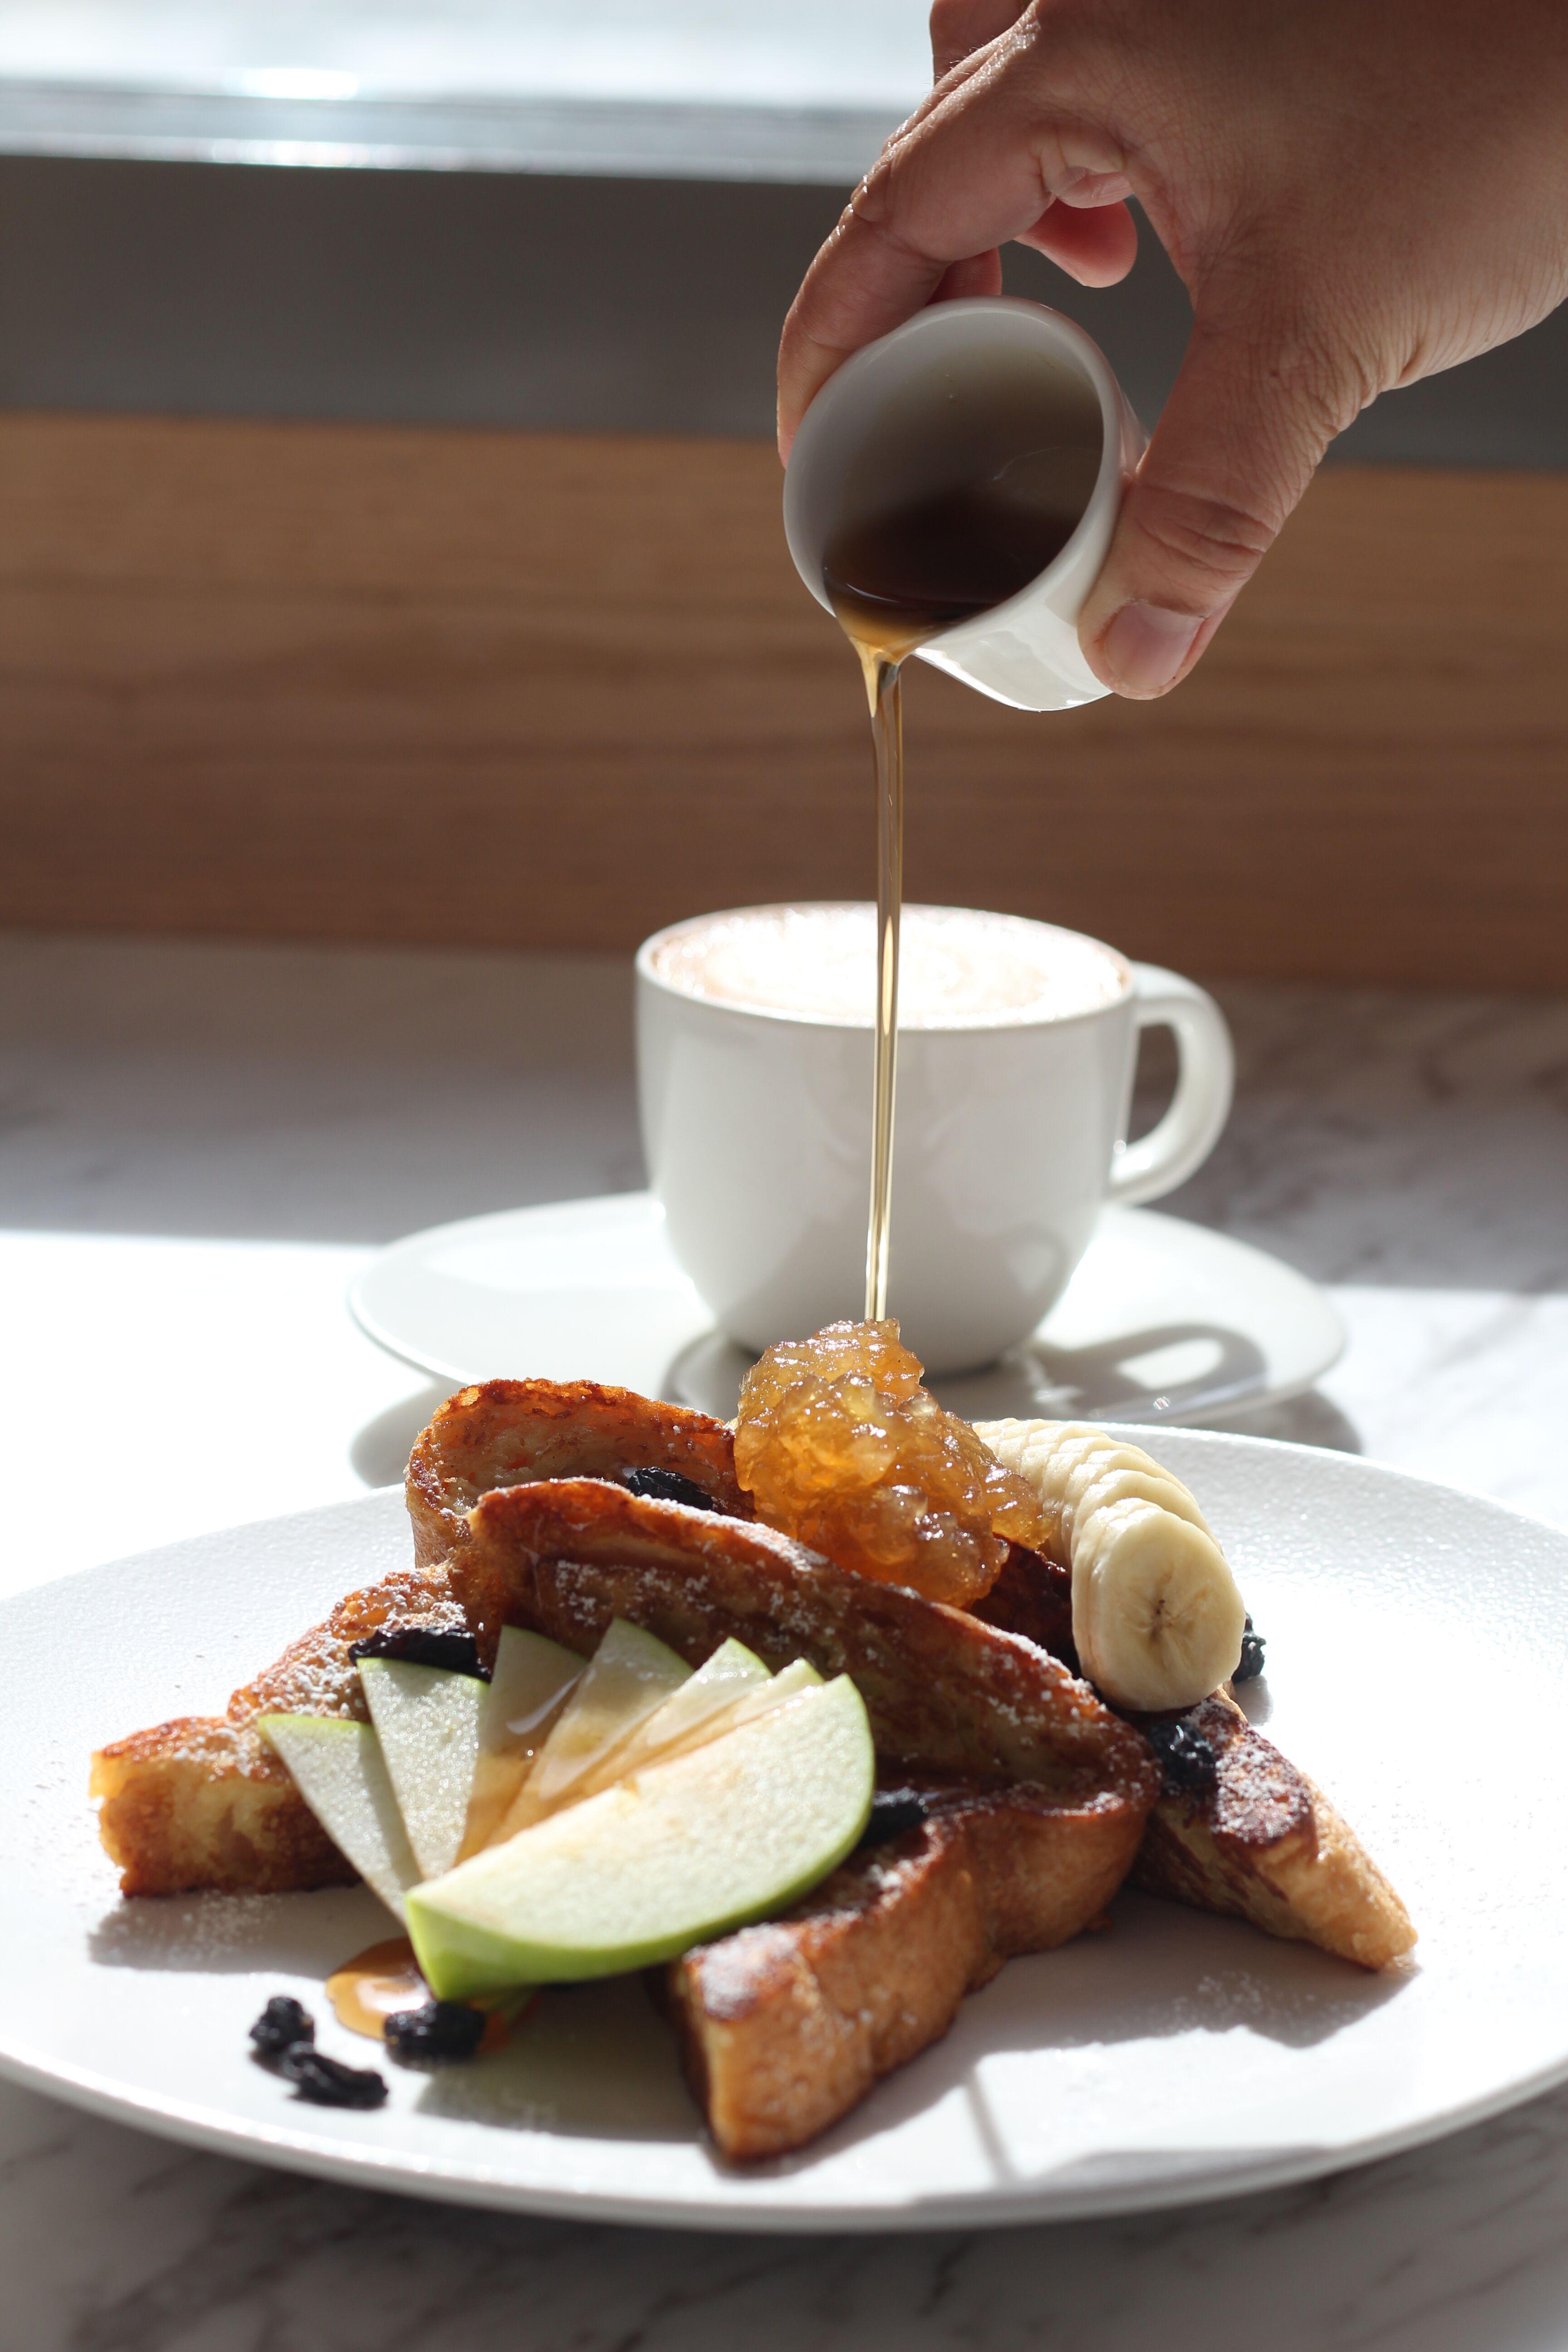 مطعم ومخبز سارابيث يقدم قائمة فطور شهية من الصباح حتى المساء